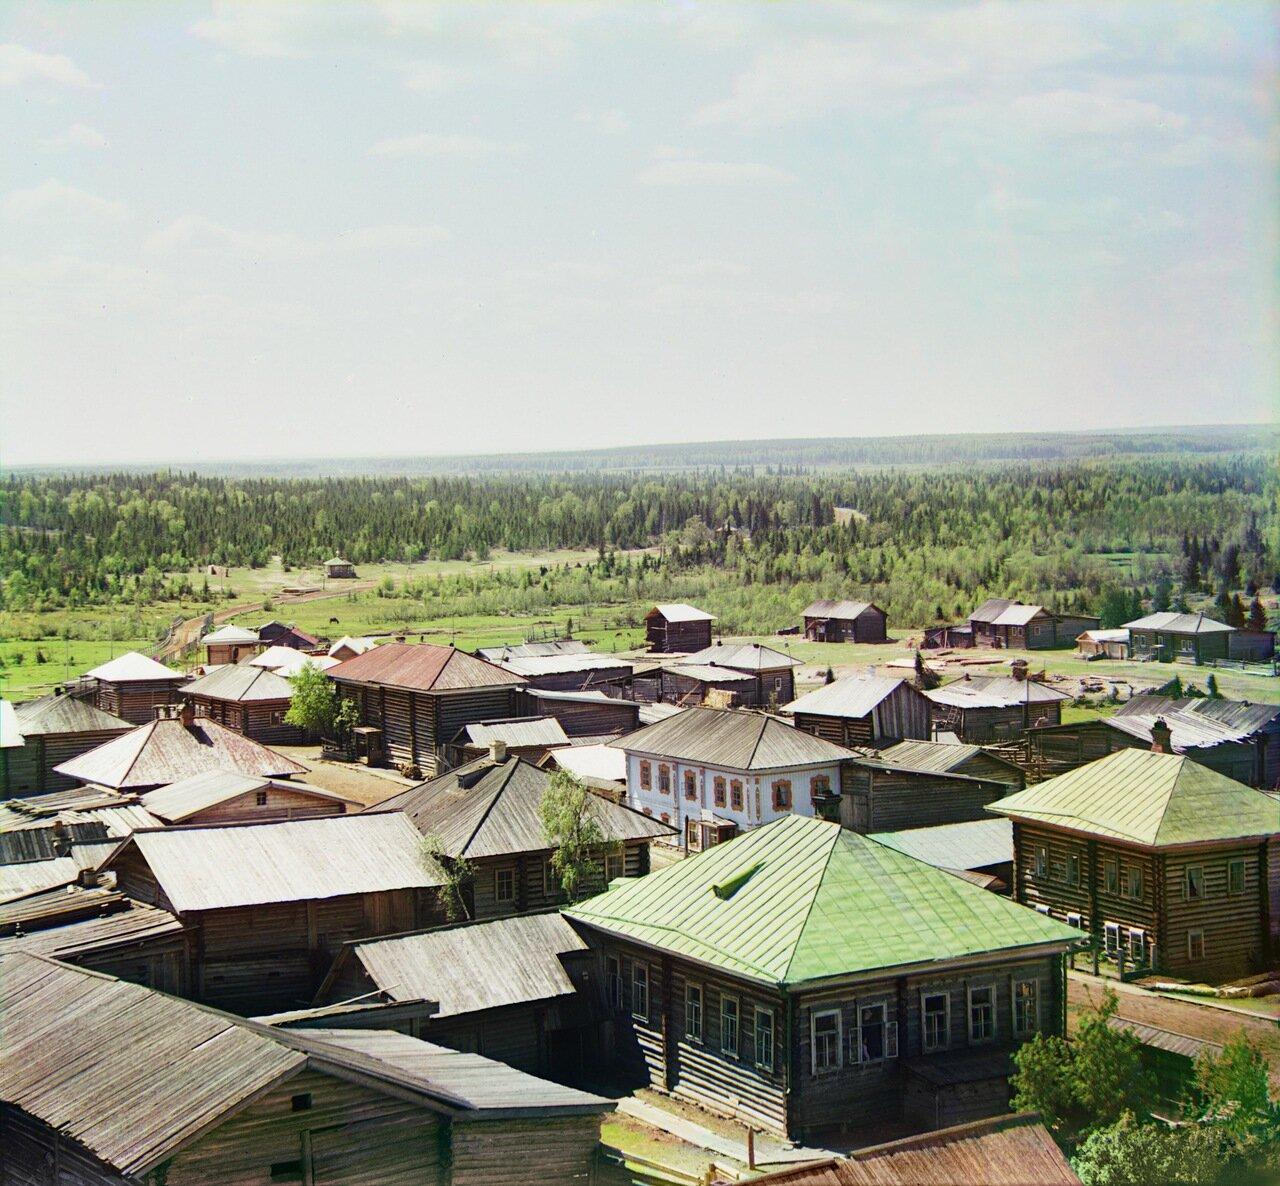 Южная часть села Ныроб и въезд в село. Вид с колокольни. Не ранее 1912